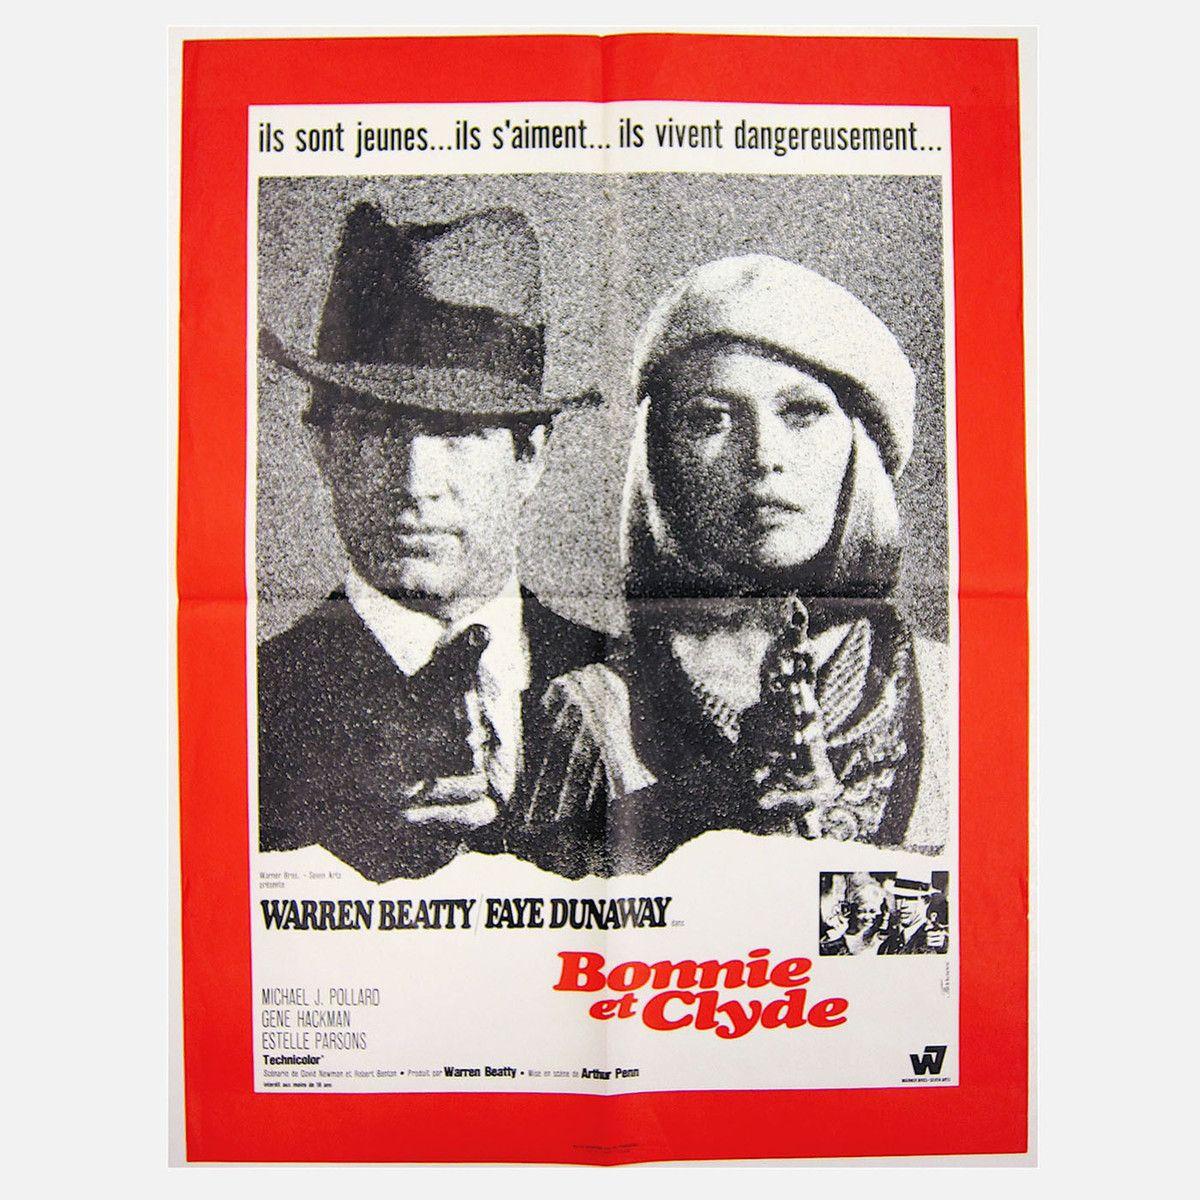 Bonnie and clyde bonnie bonnie clyde film music books